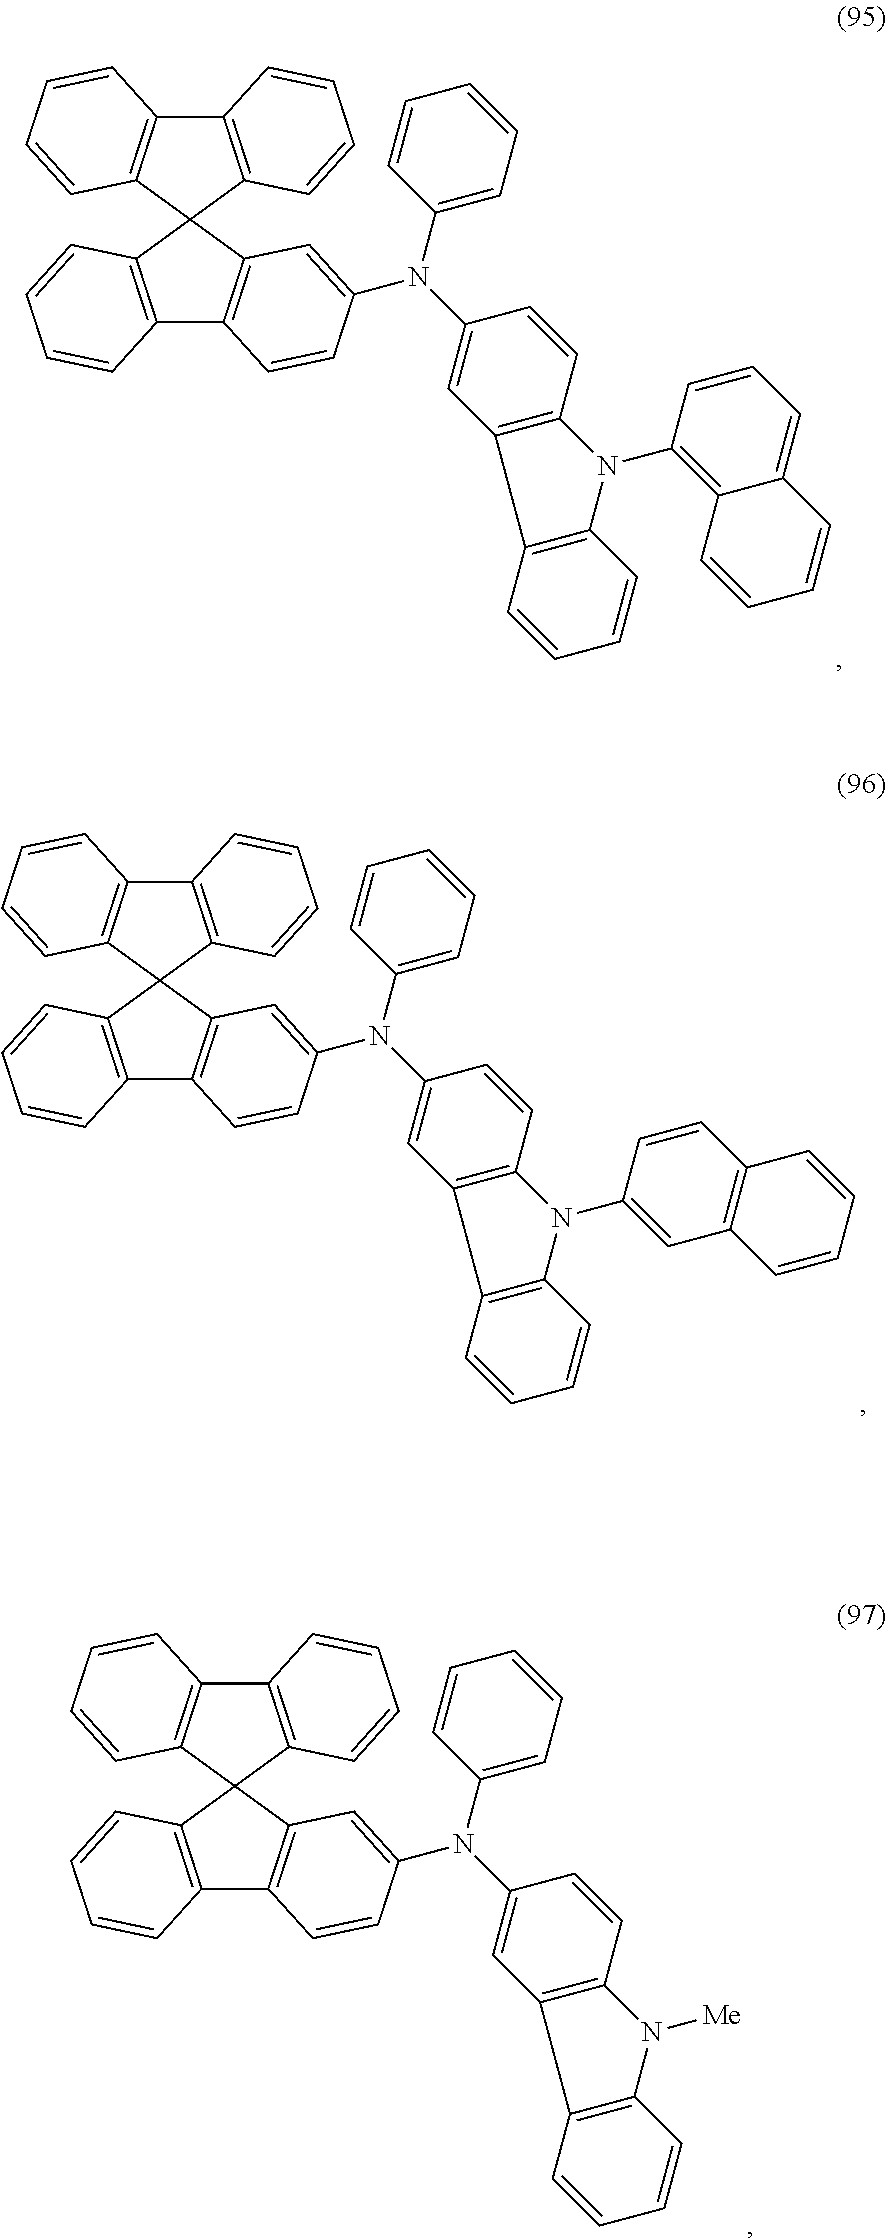 Figure US09548457-20170117-C00070